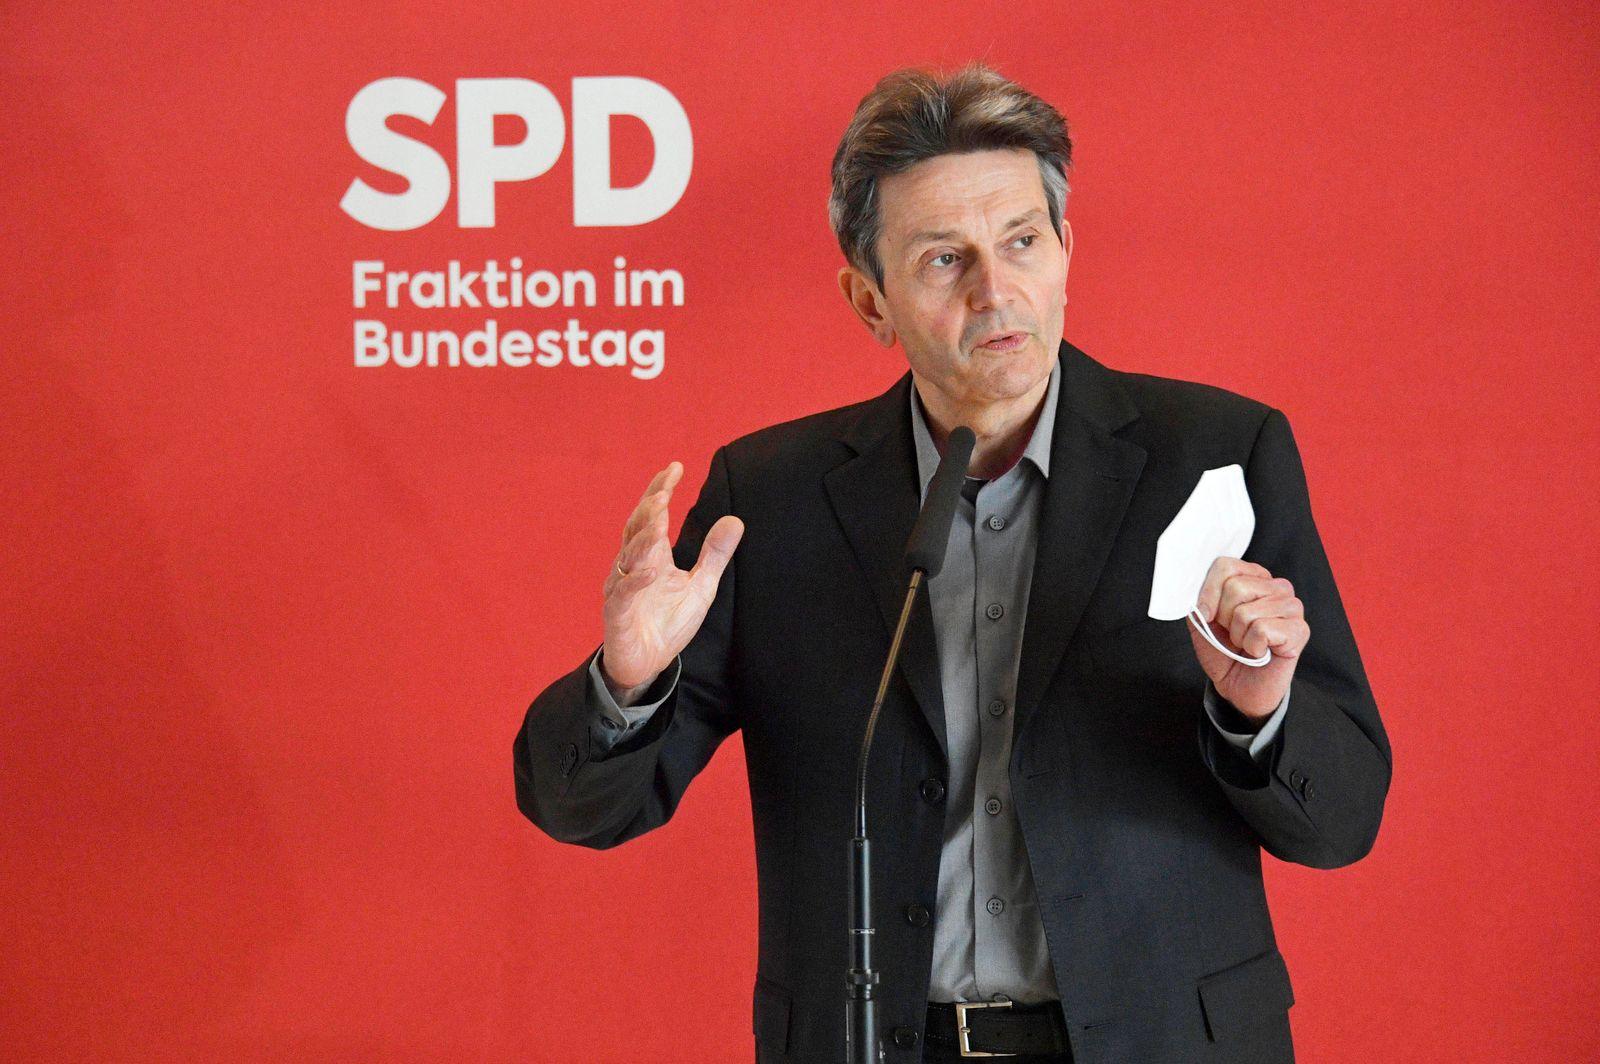 Rolf Mützenich bei einem Pressestatement der SPD vor der Fraktionssitzung auf der Fraktionsebene im Reichstagsgebäude.